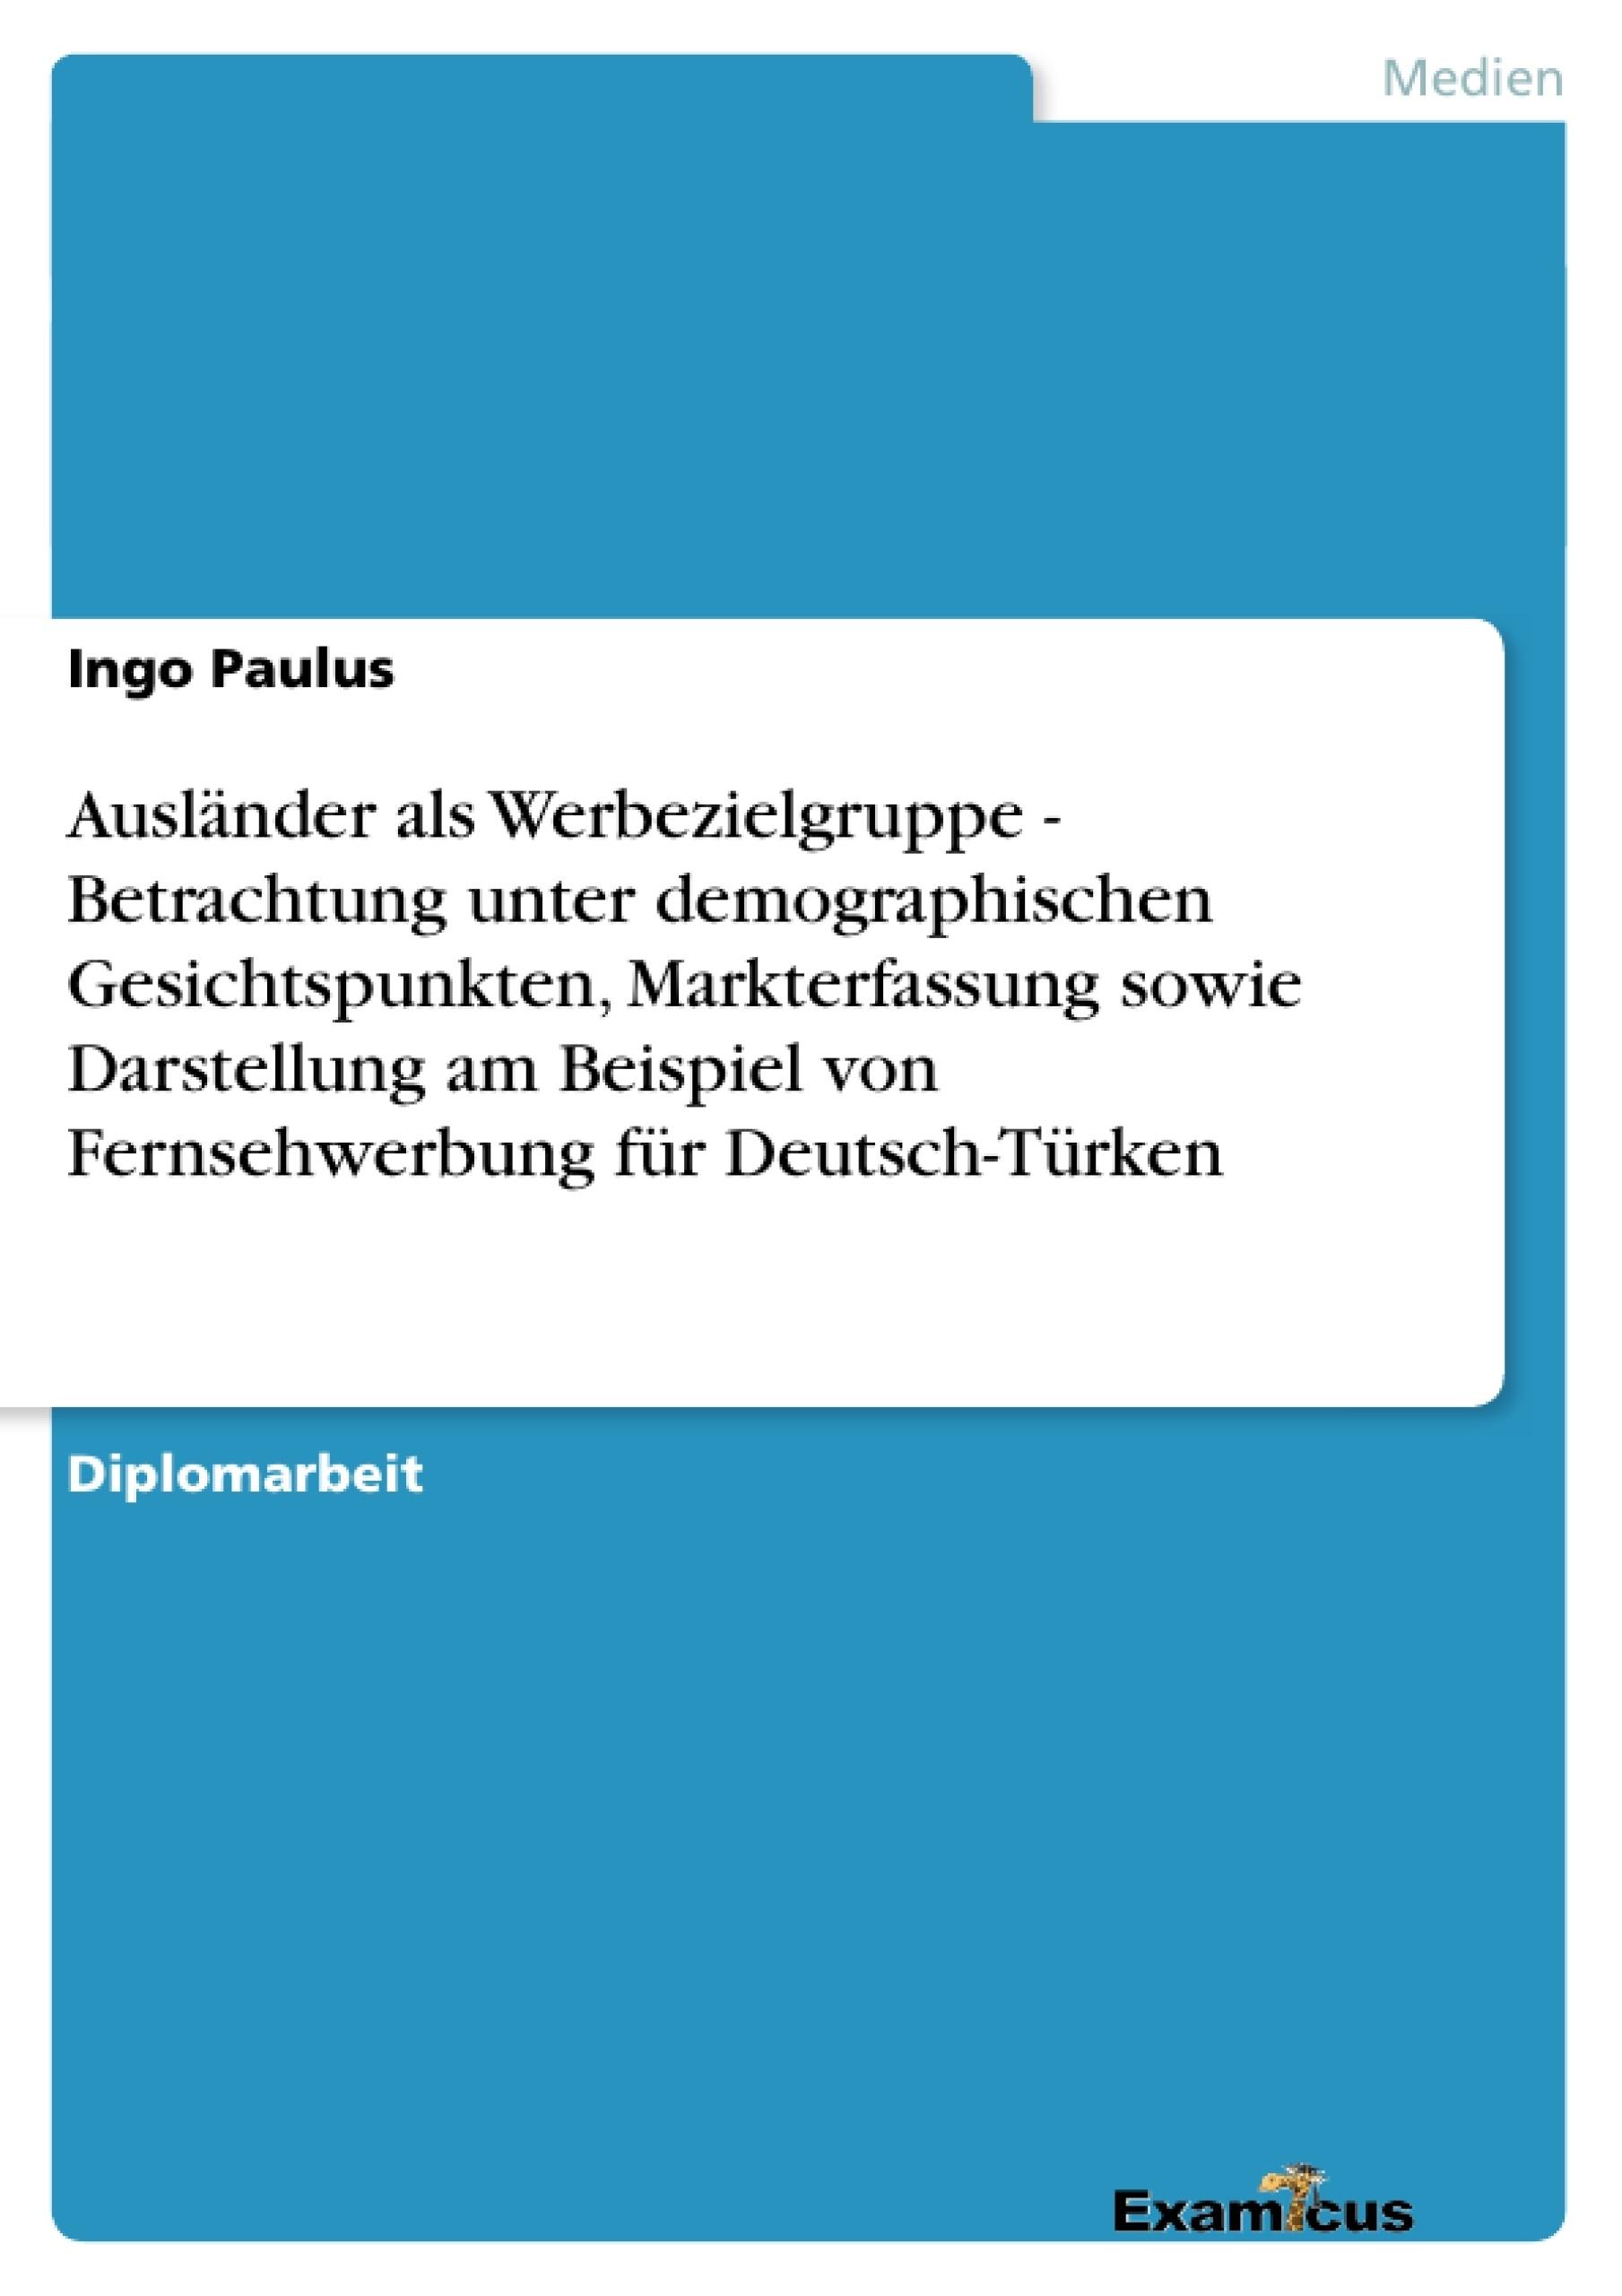 Titel: Ausländer als Werbezielgruppe - Betrachtung unter demographischen Gesichtspunkten, Markterfassung sowie Darstellung am Beispiel von Fernsehwerbung für Deutsch-Türken